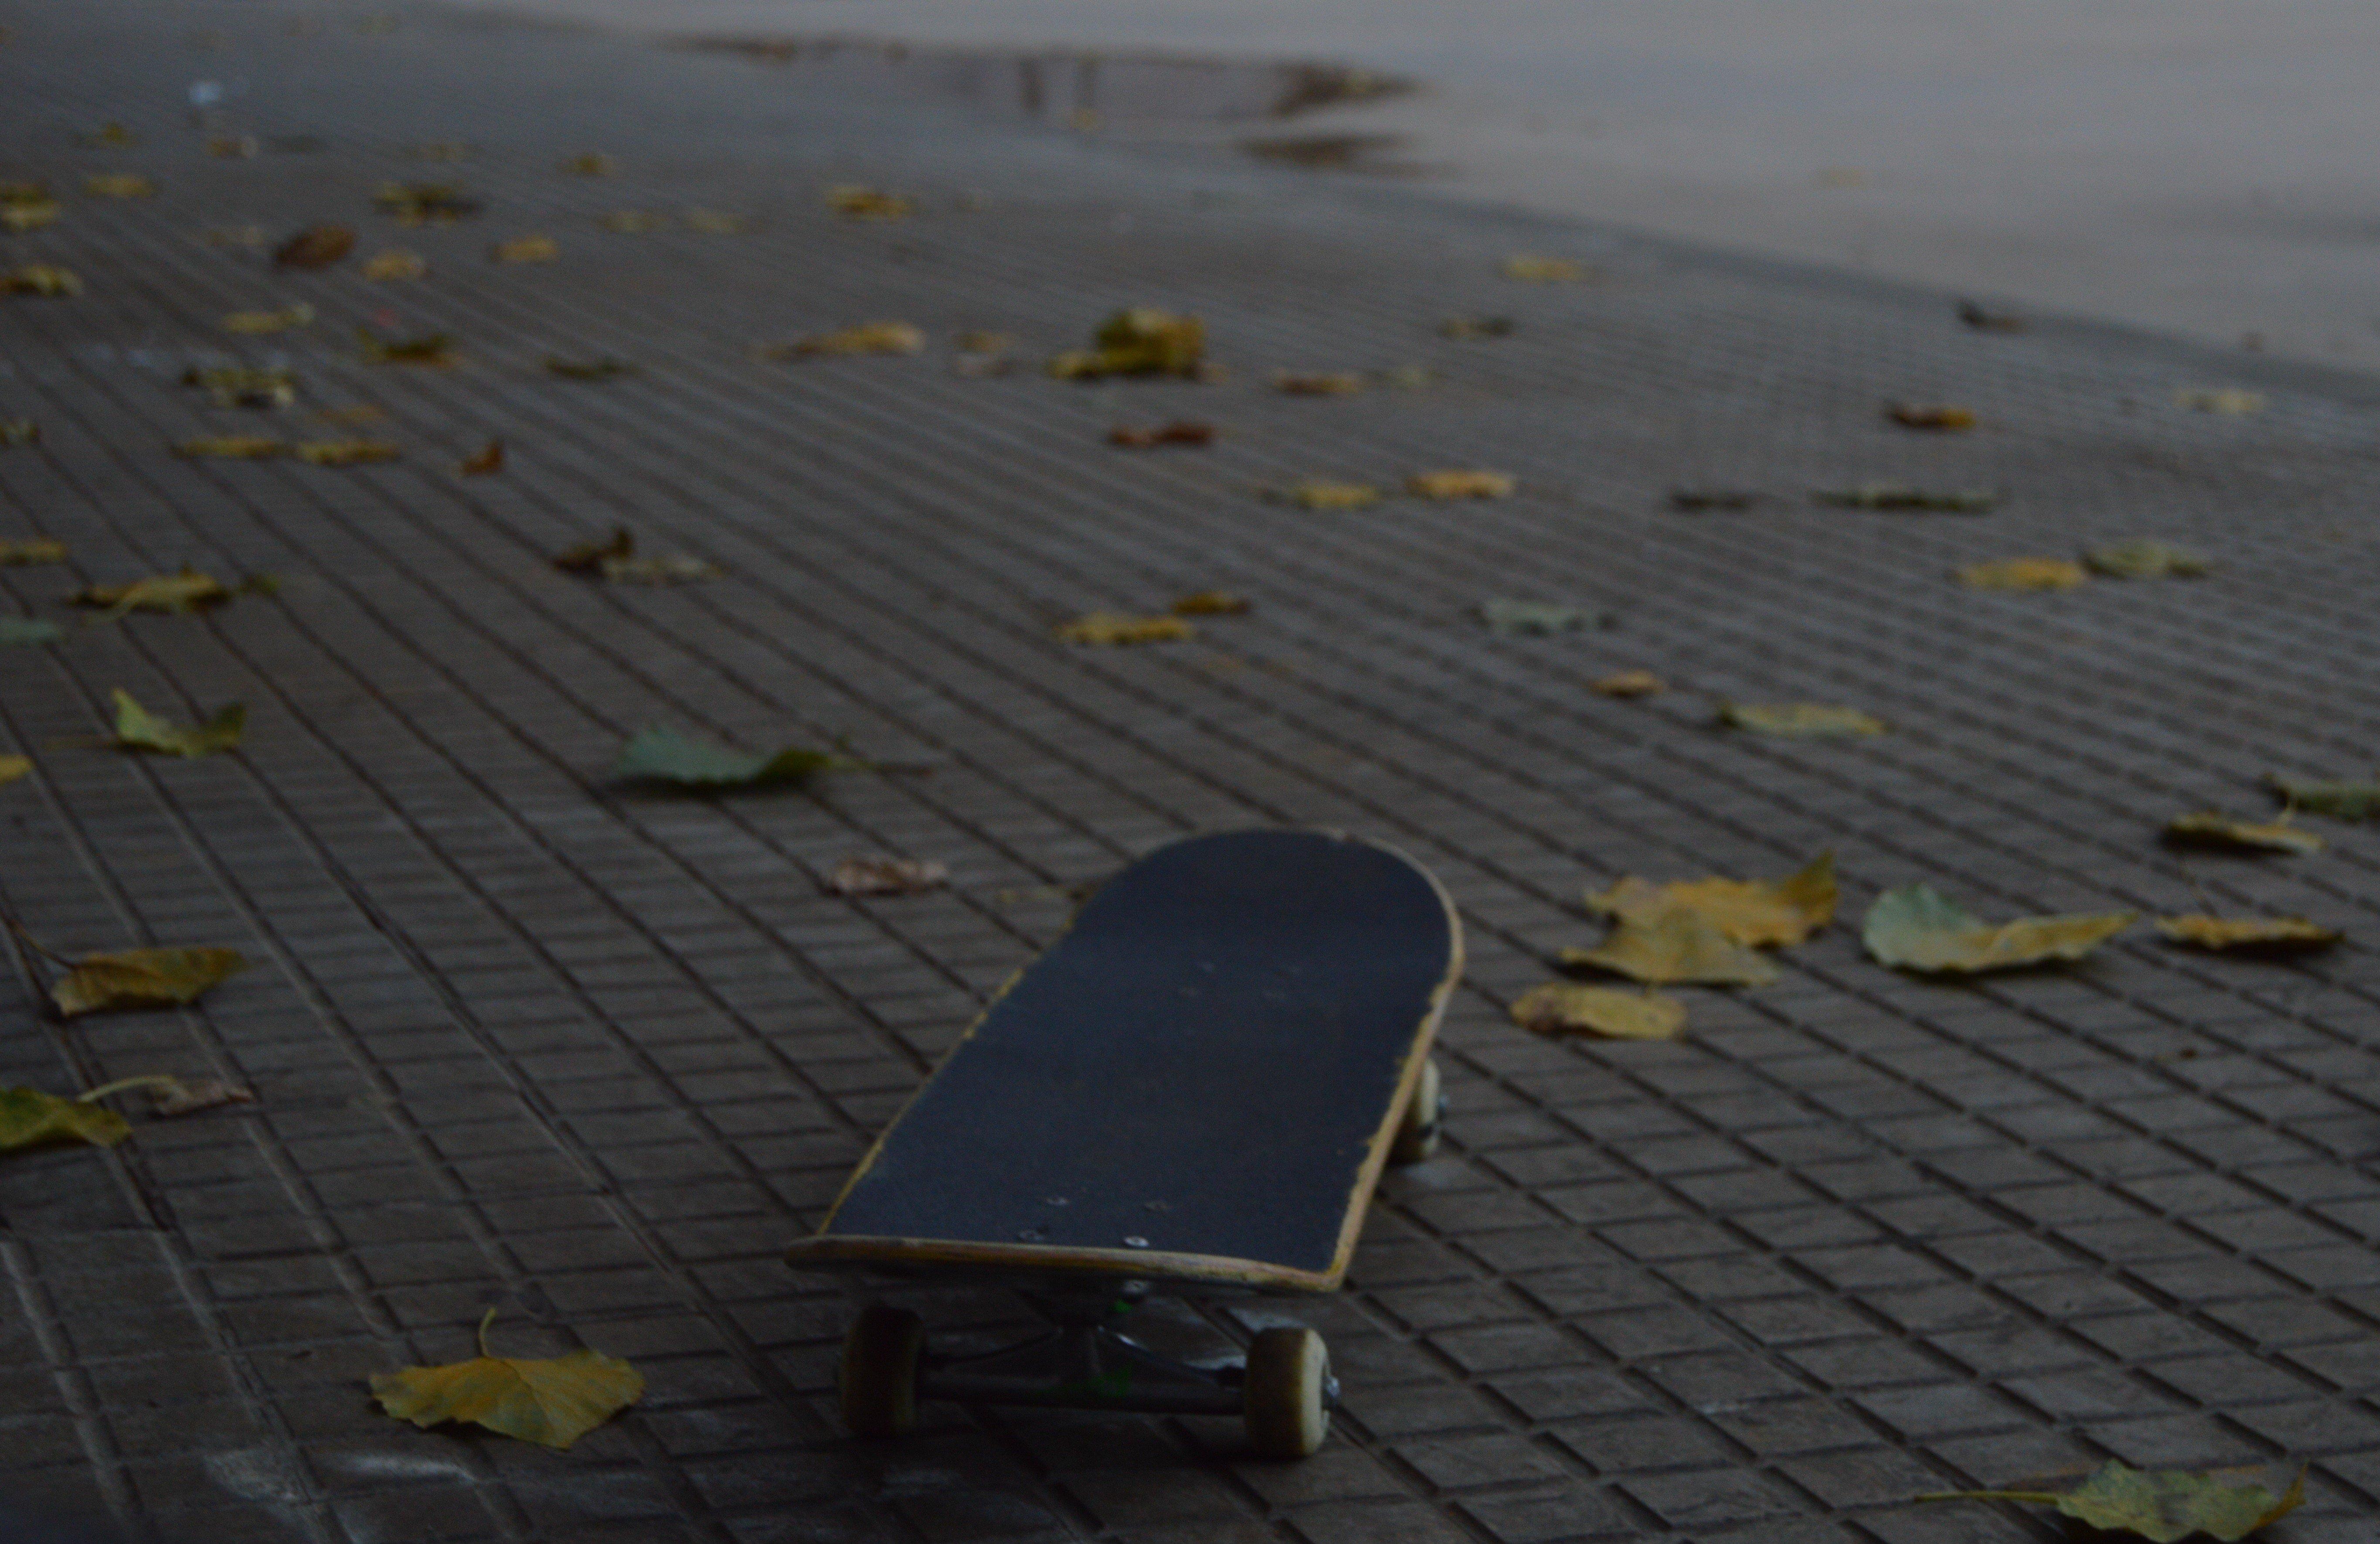 Skateboard leaves skatepark fall hd wallpapers - Skateboard mobel ...